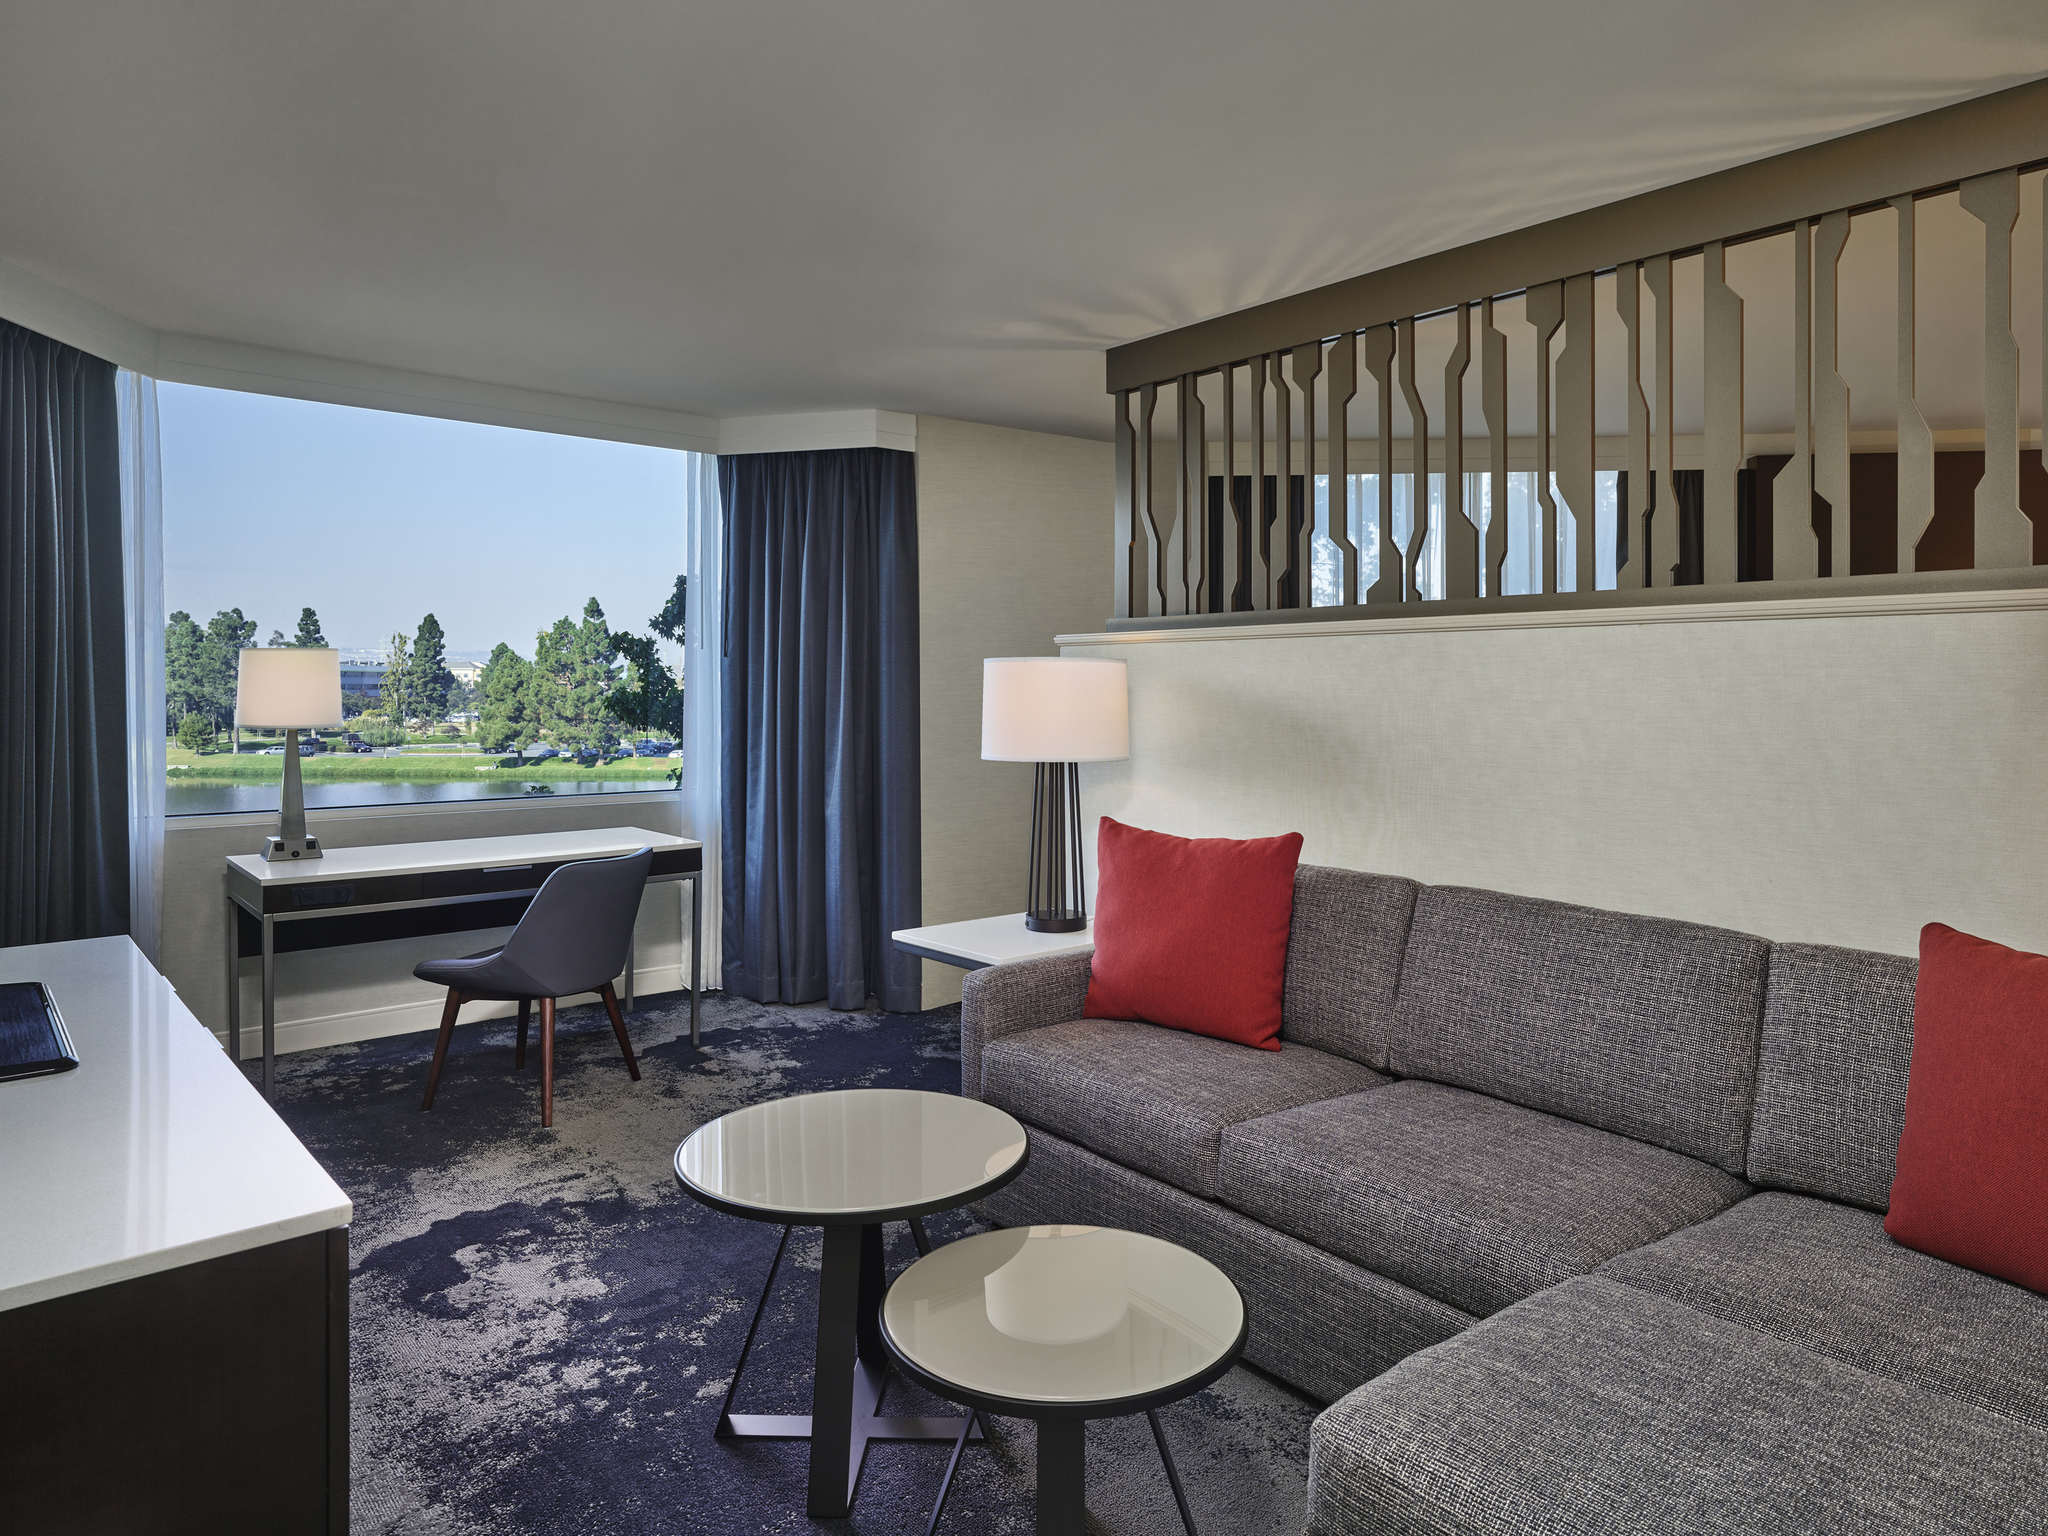 酒店 – 旧金山铂尔曼港湾酒店